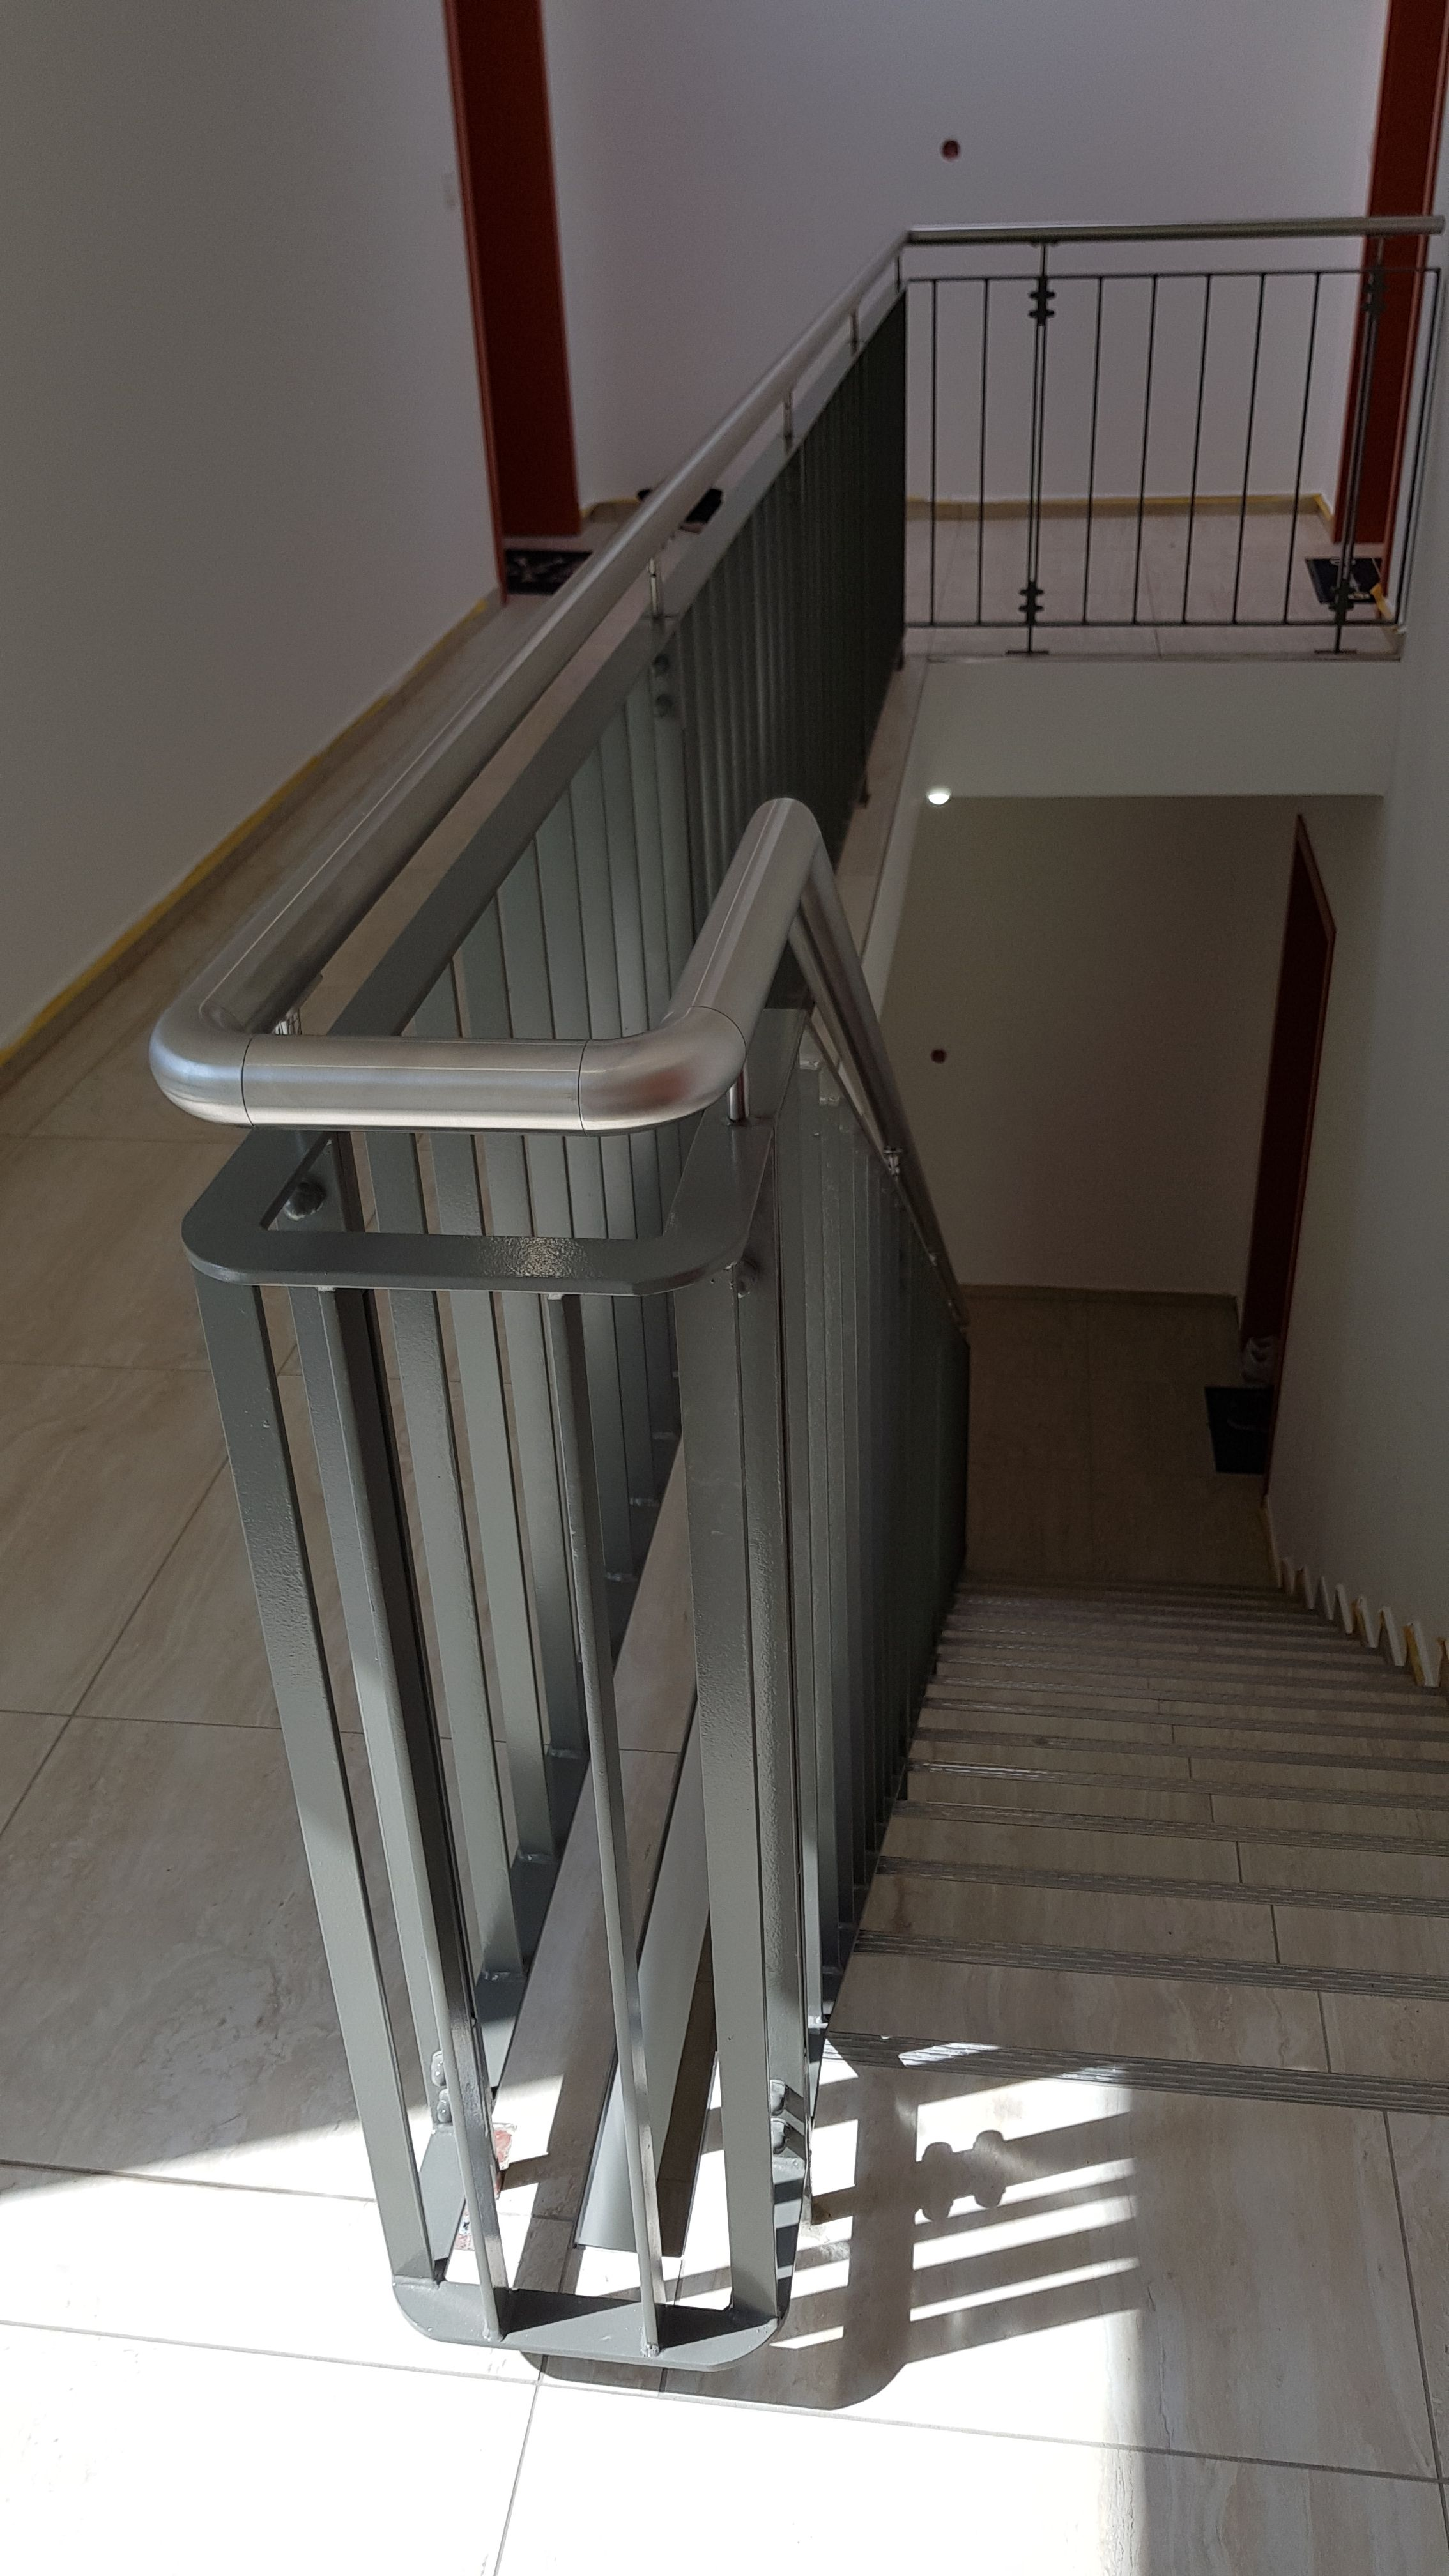 Flachstahl Treppengelander Mit Edelstahlhandlauf In 2020 Flachstahl Stahltreppen Stahlwangentreppe